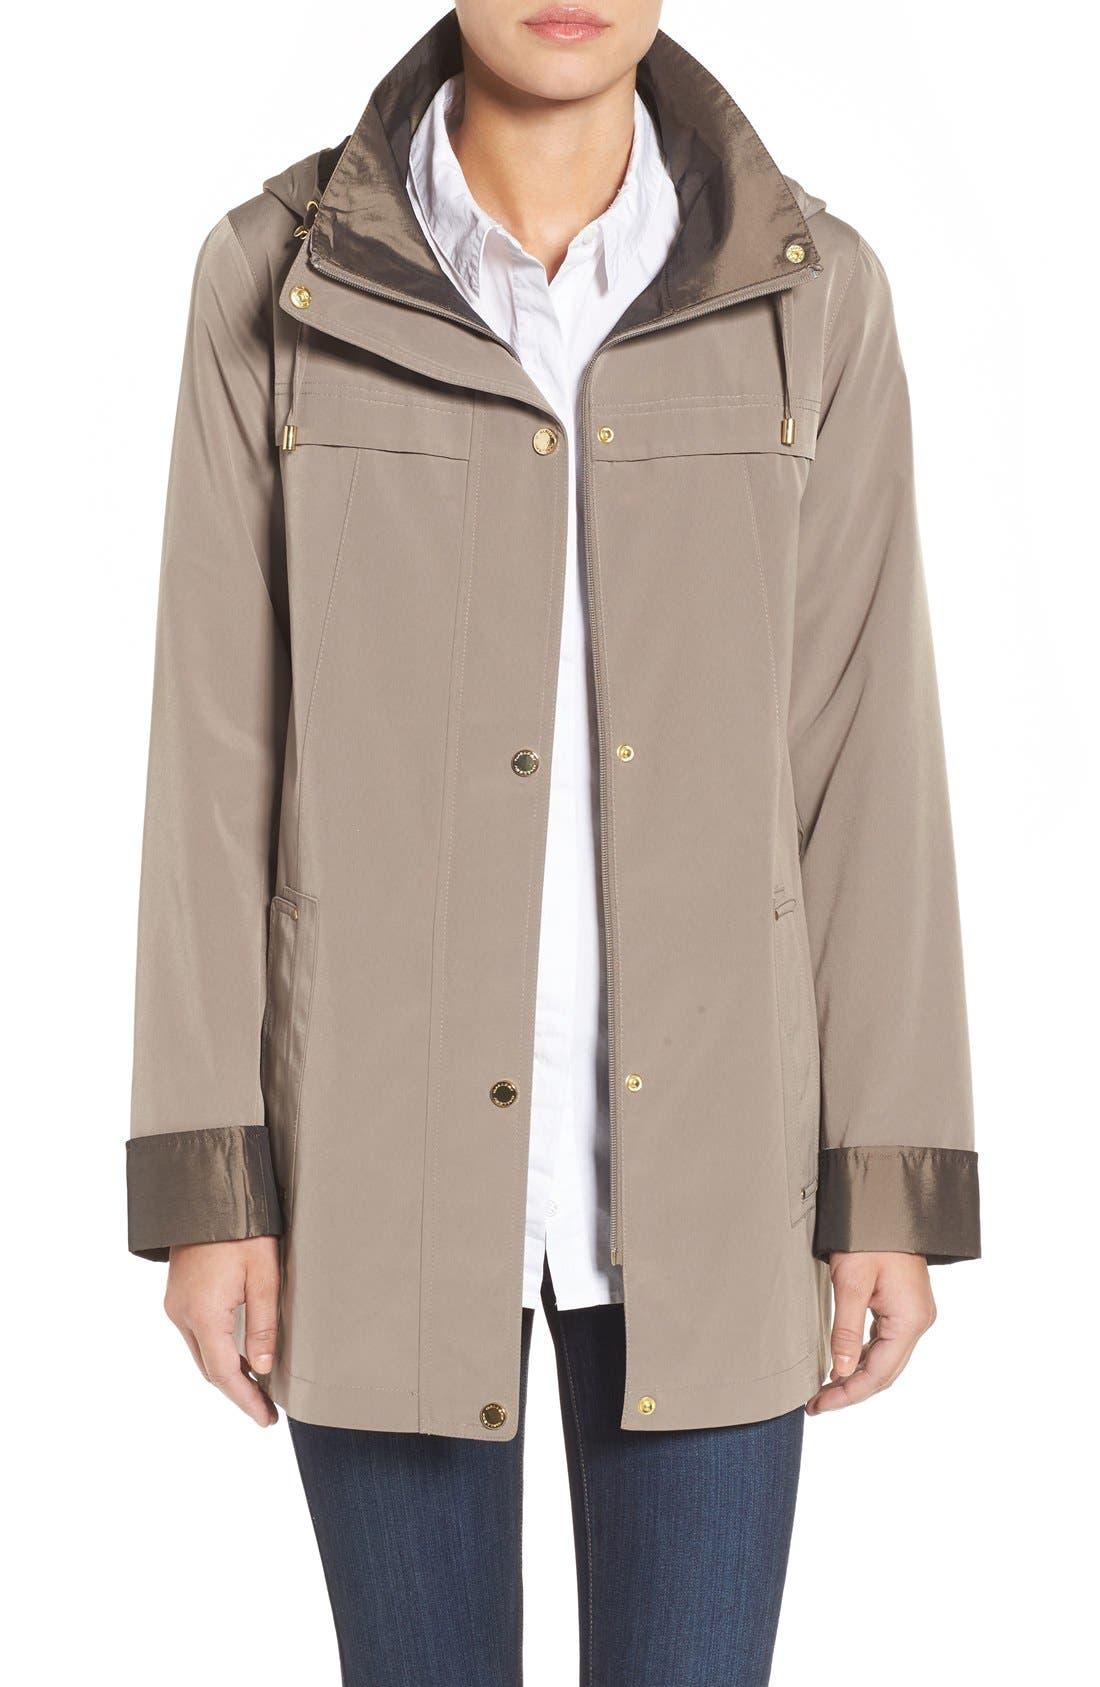 GALLERY Silk Look Hooded Raincoat